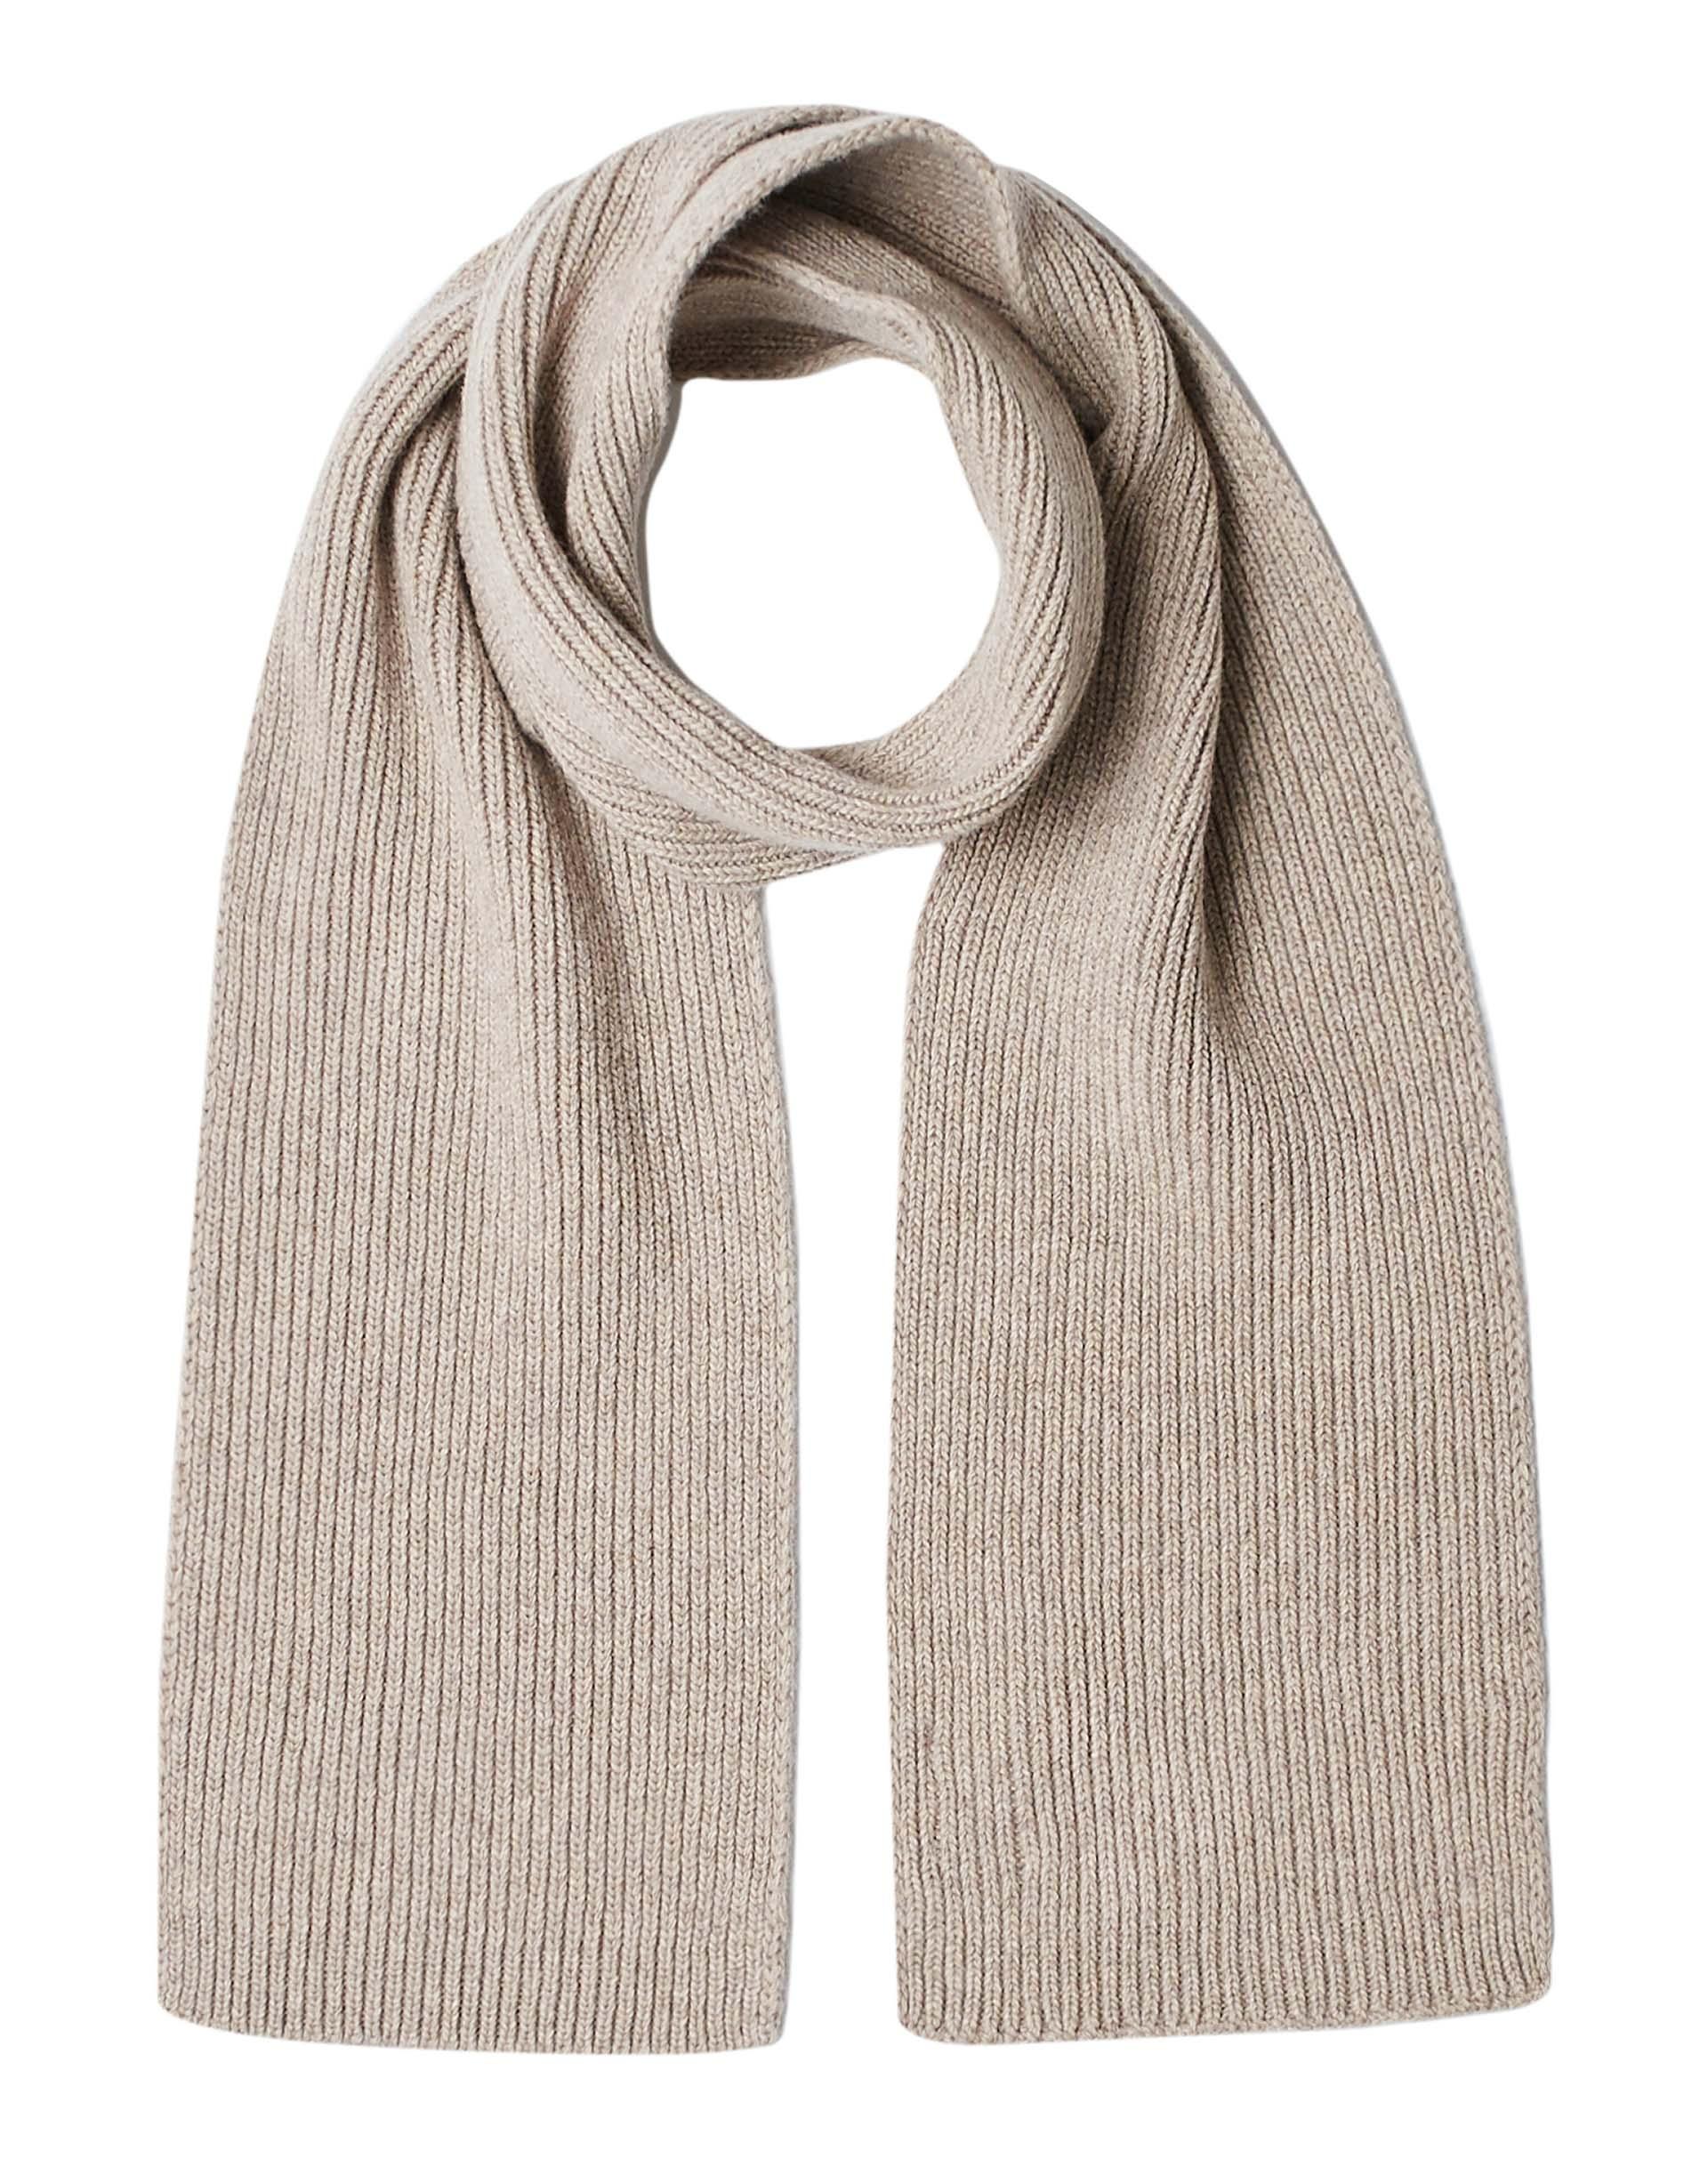 ШарфПлатки и Шарфы<br>Вязаный шарф из шерстяной пряжи. Фактура в рубчик, универсальный размер. Размеры: 180*17 см.<br>Цвет: Бежевый; Размер: OS;